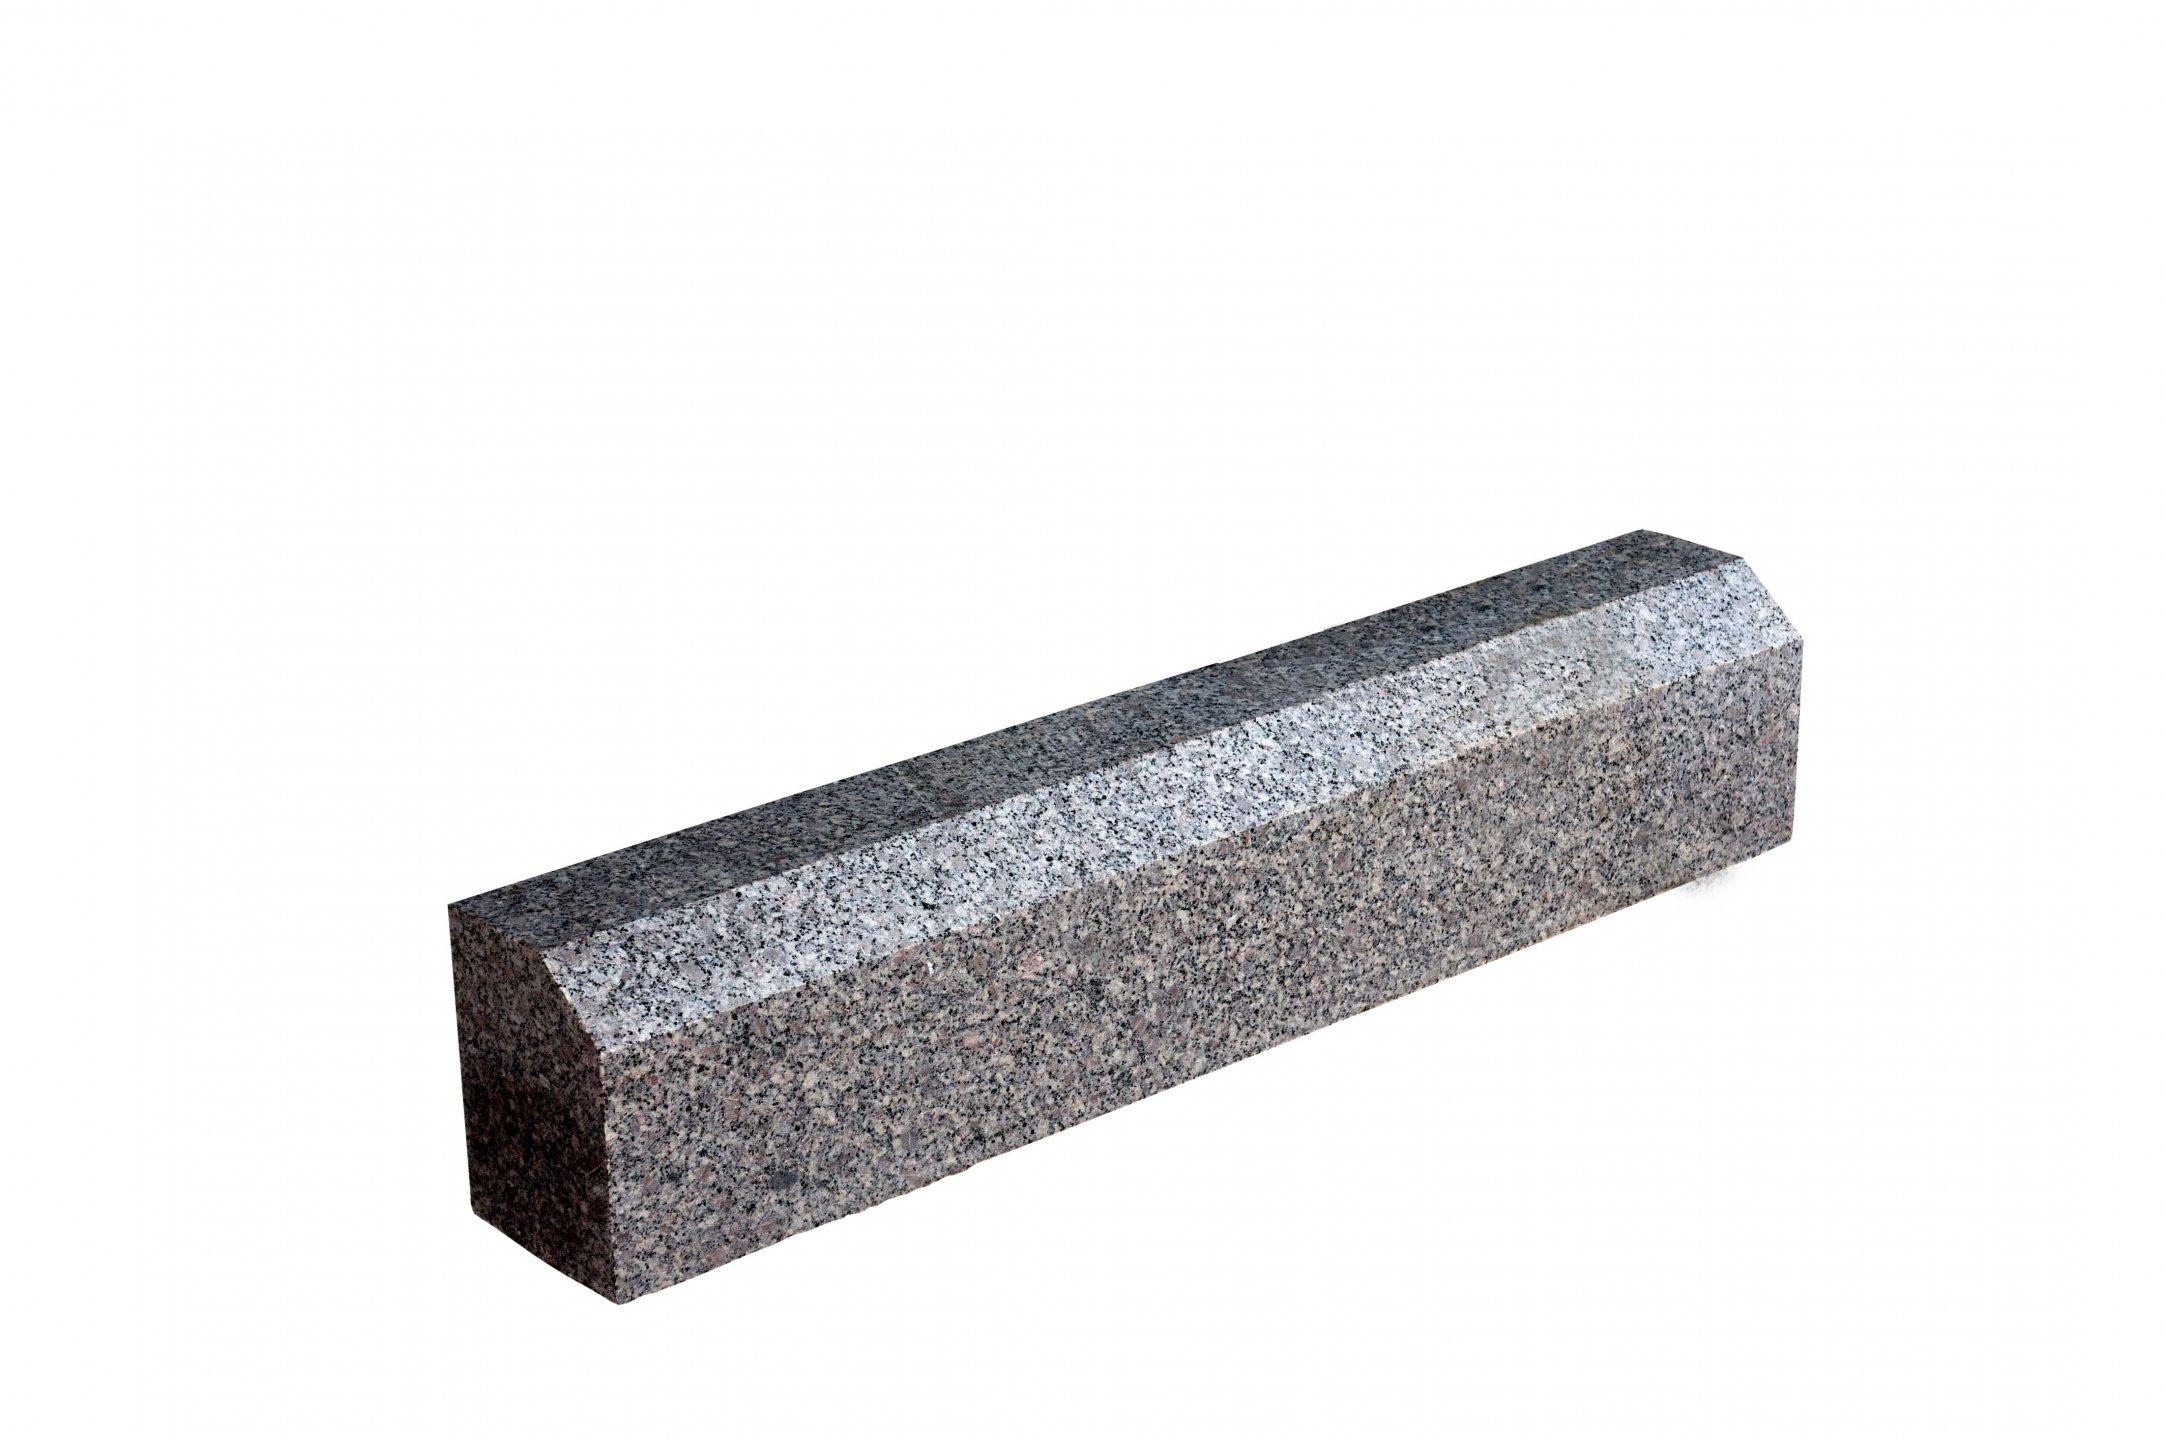 Bordures type a fabriquant de produits granit granit petitjean - Type de bordure ...